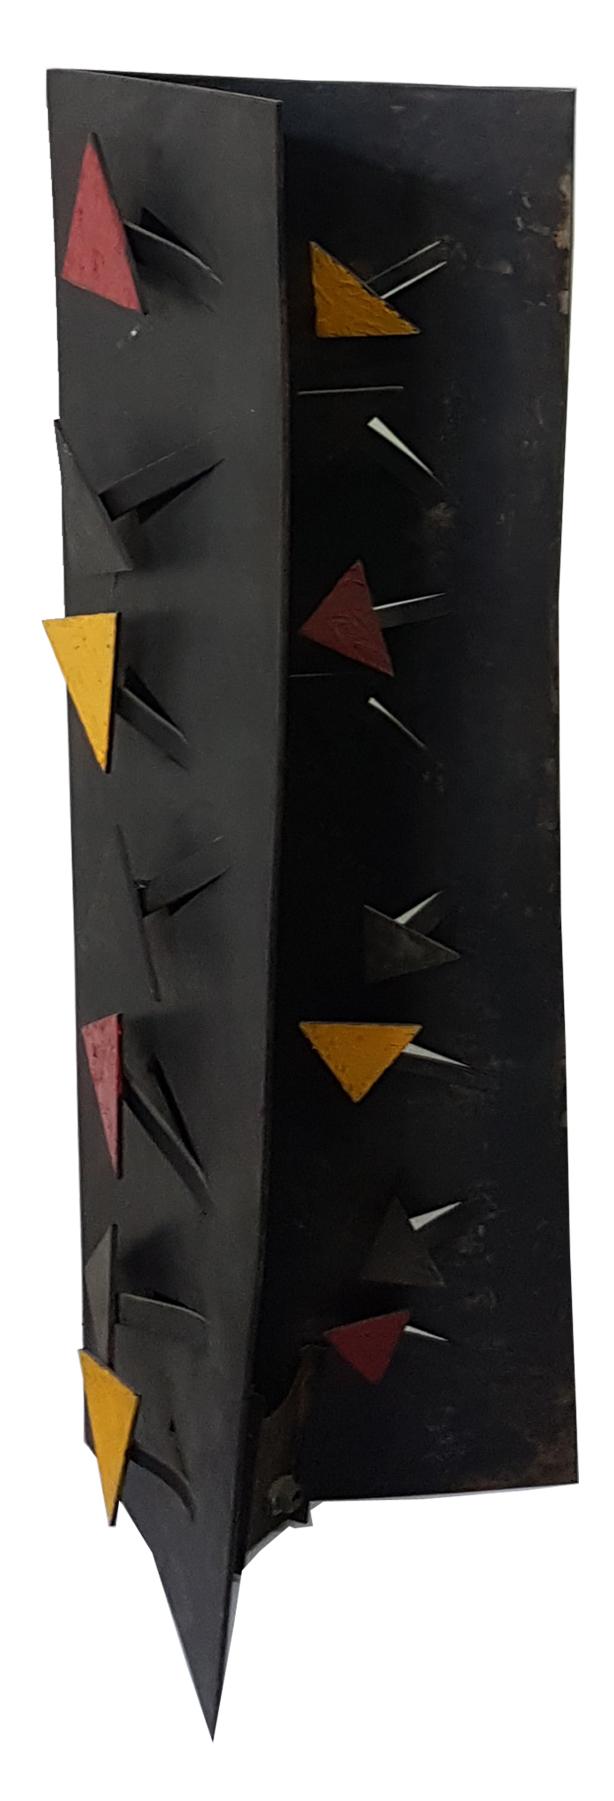 Arthur Luiz Piza, Torre, Aço pintado em acrílica, 50,5 x 16 x 16 cm